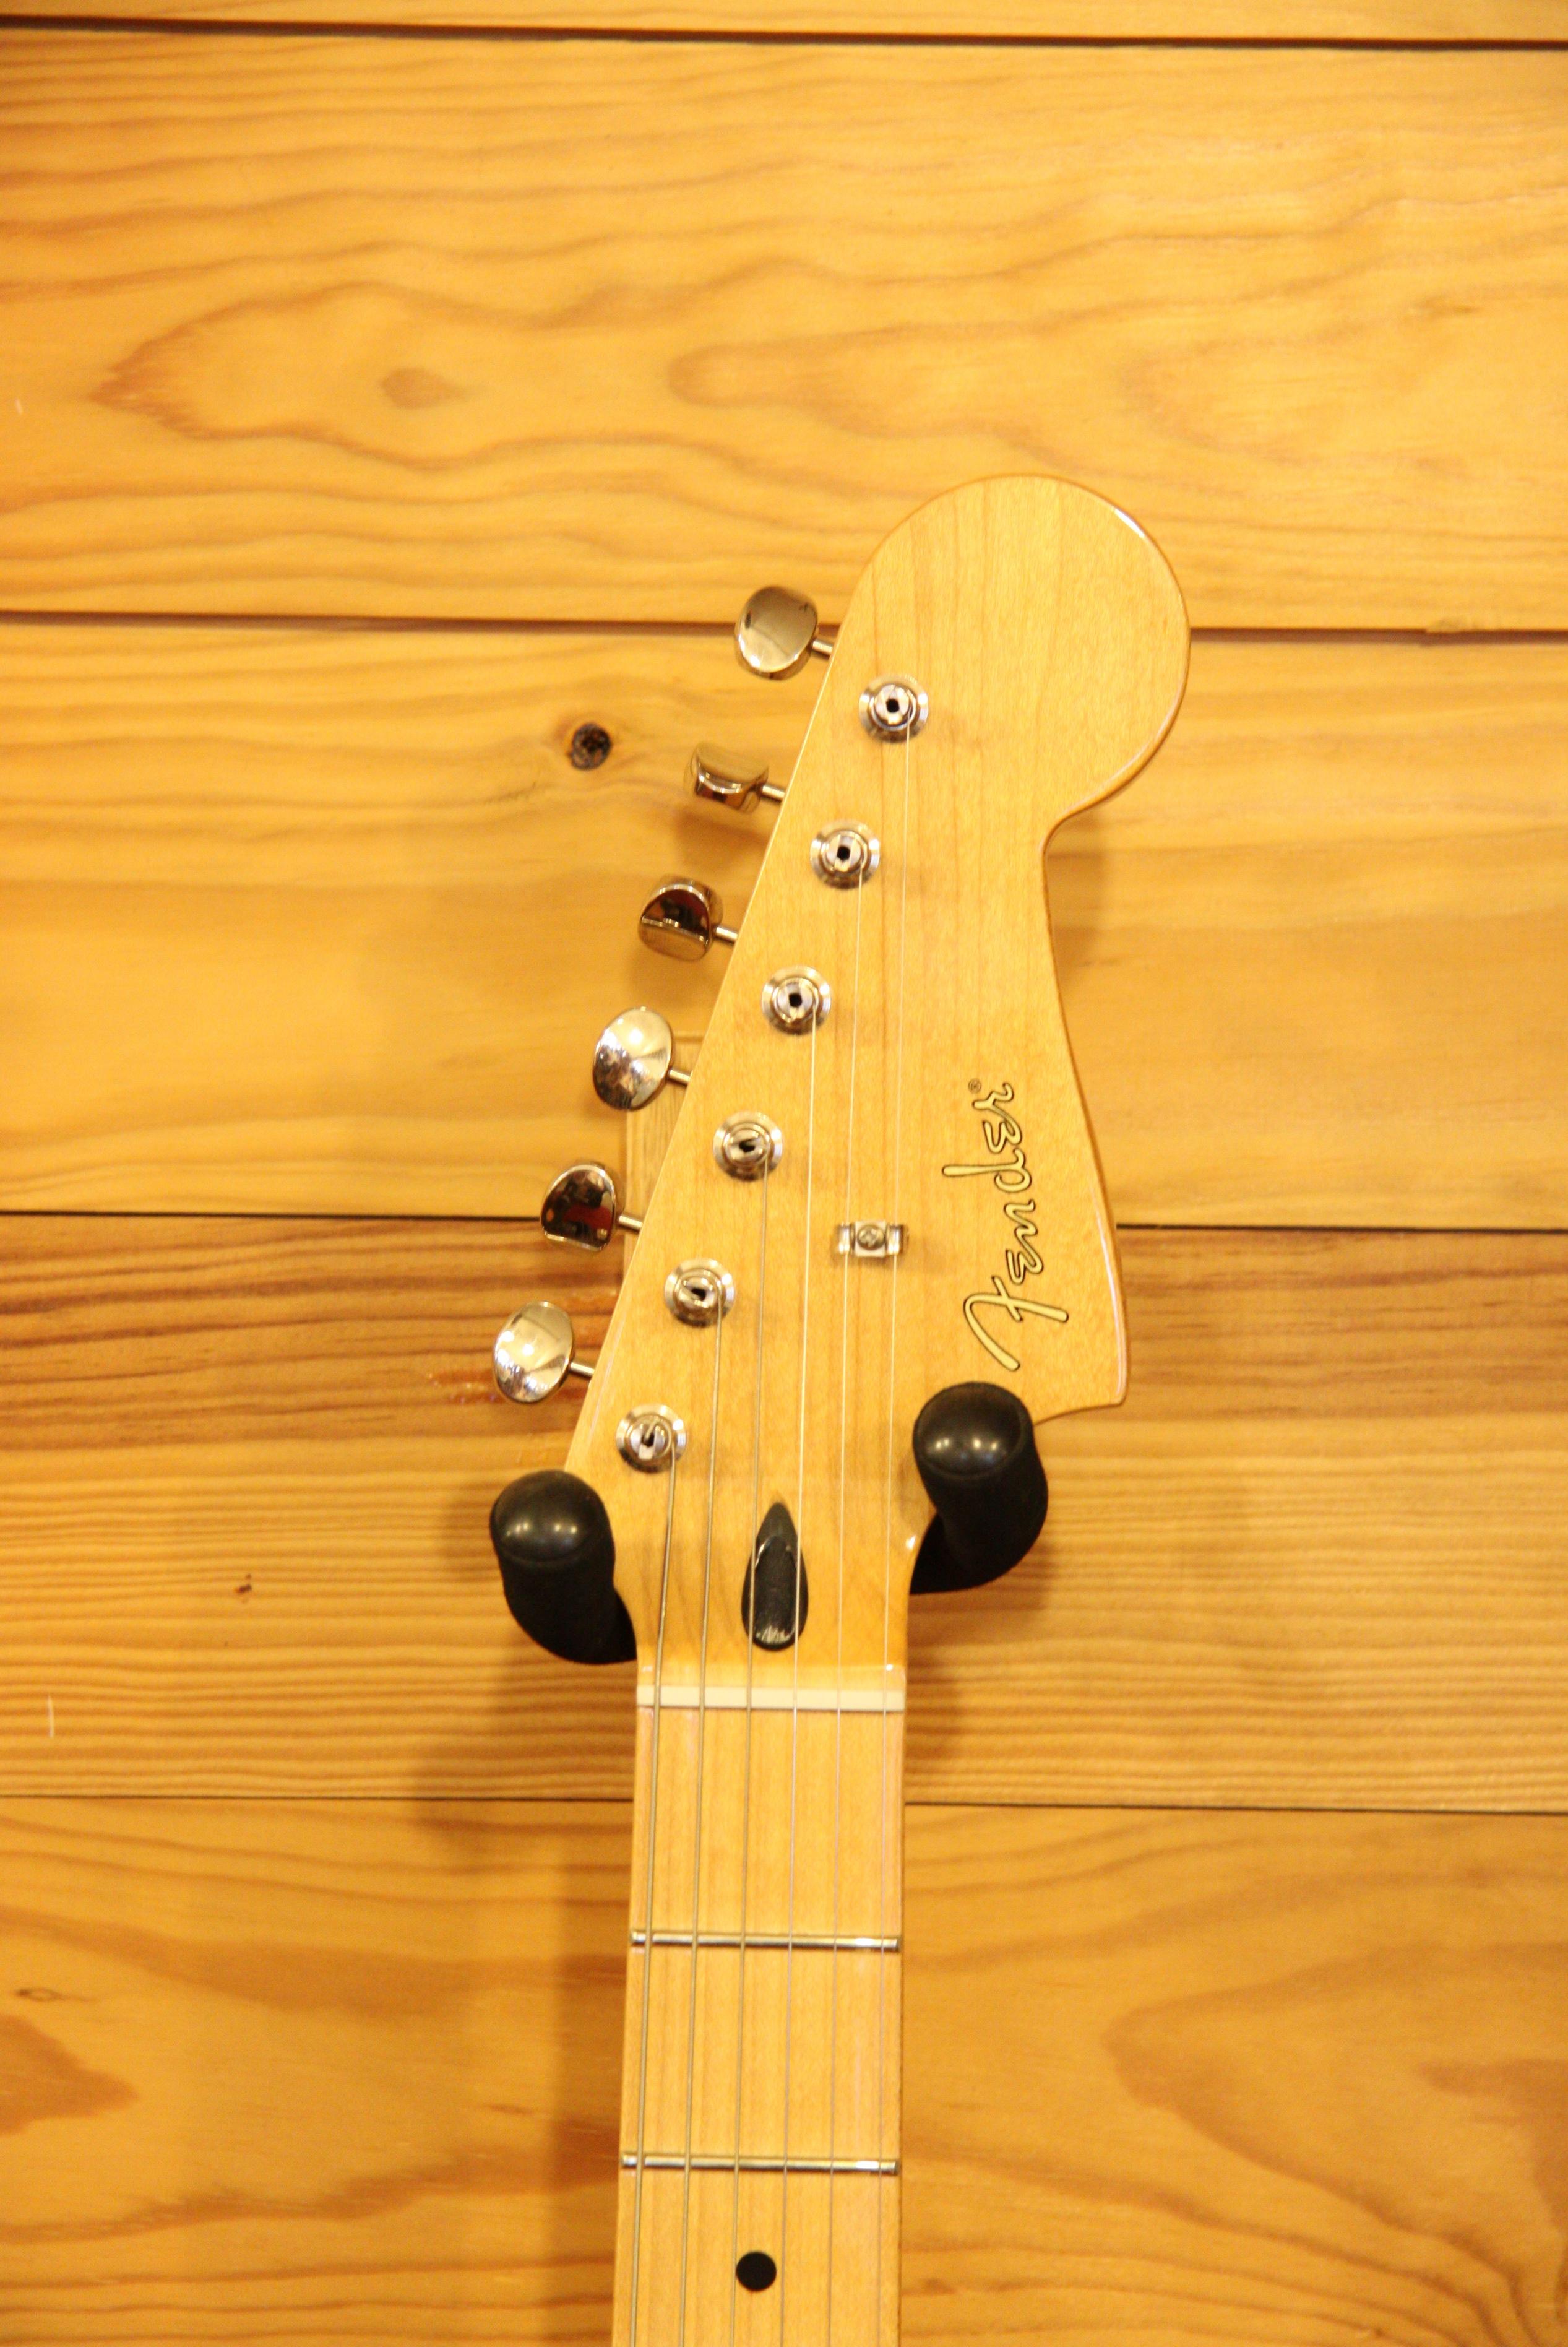 fender pawn shop offset special rockshop magasin de guitares montpellier magasin de musique. Black Bedroom Furniture Sets. Home Design Ideas